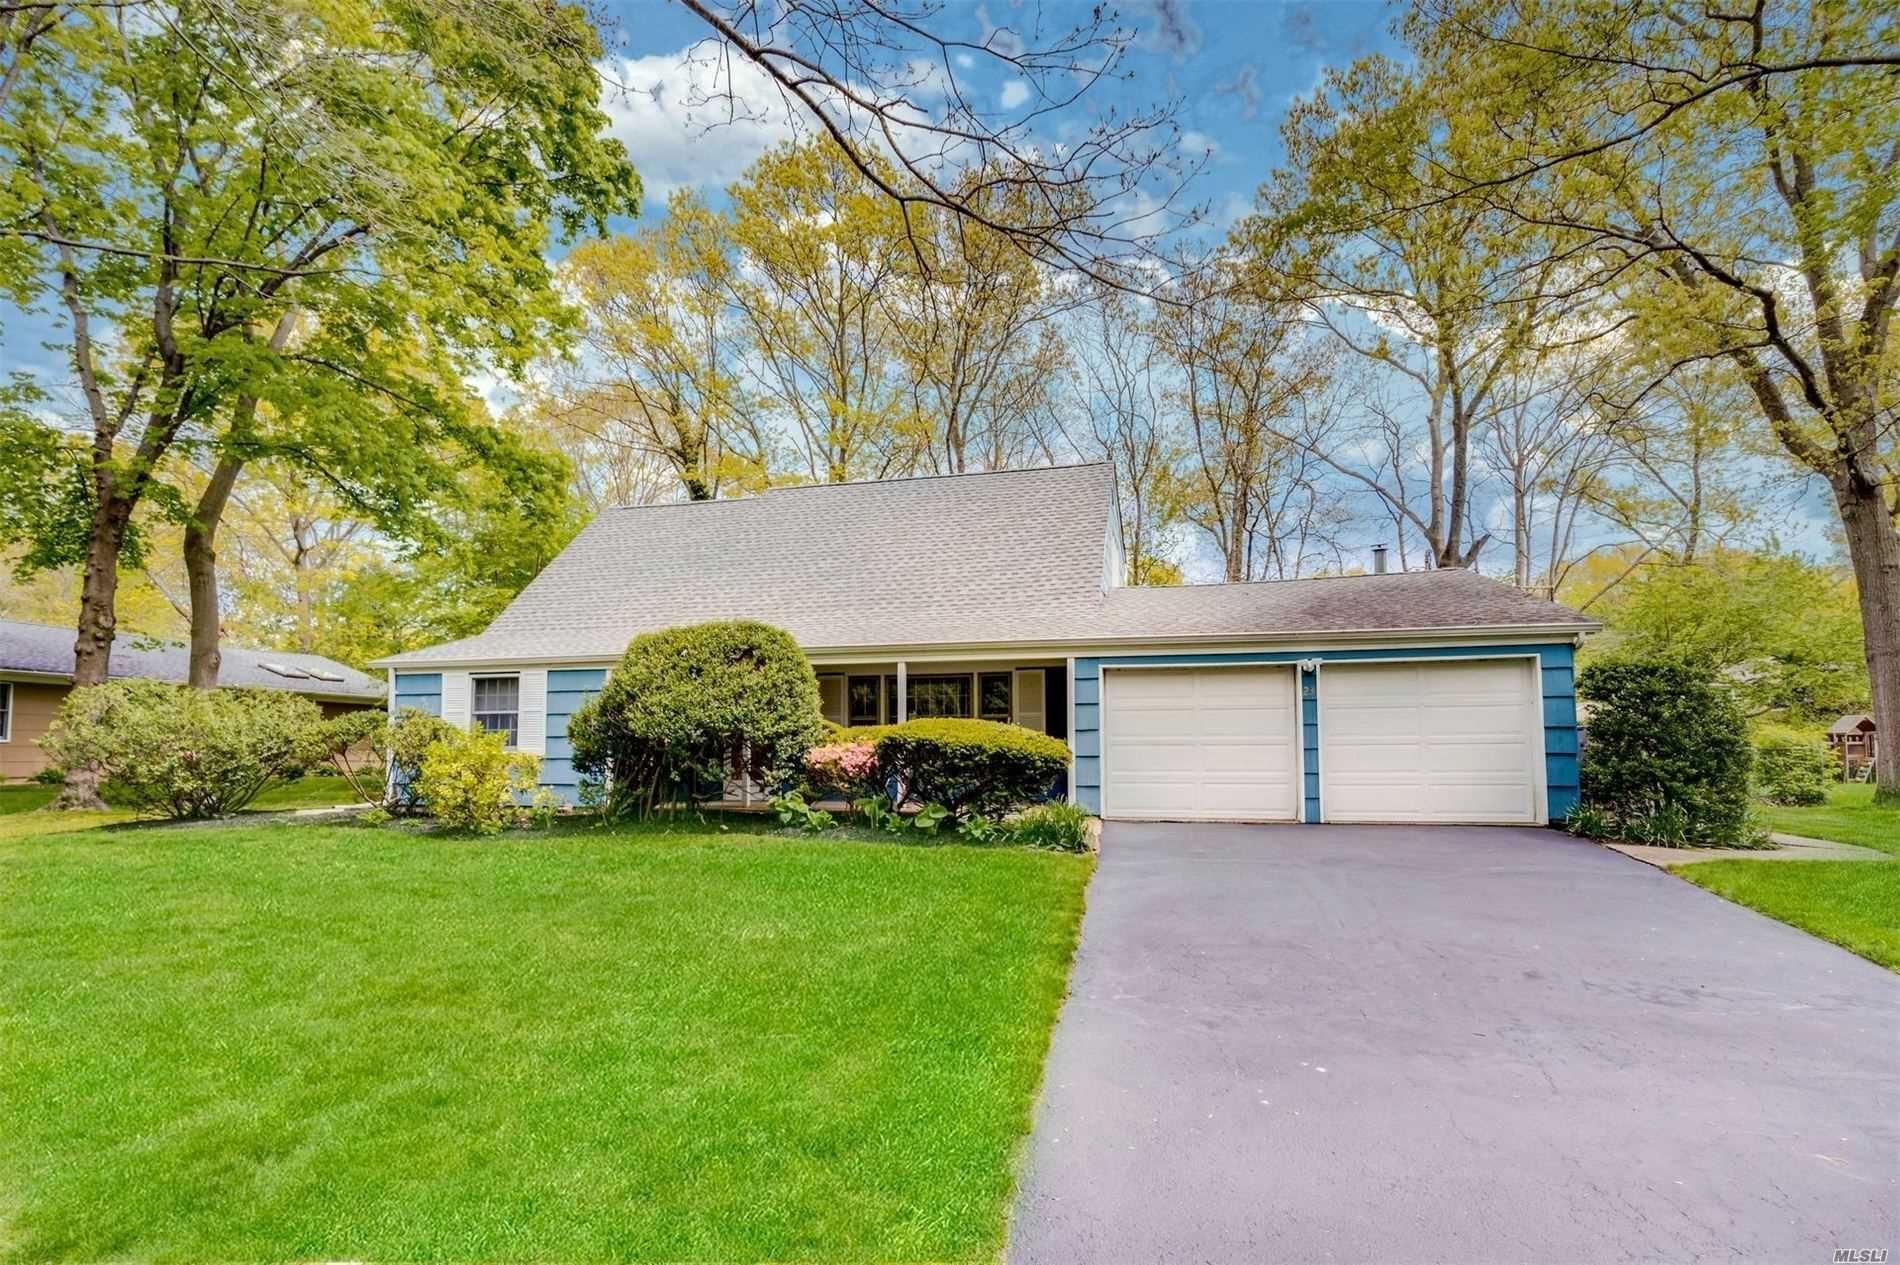 23 Shawmont Lane, Stony Brook, NY 11790 - MLS#: 3216339